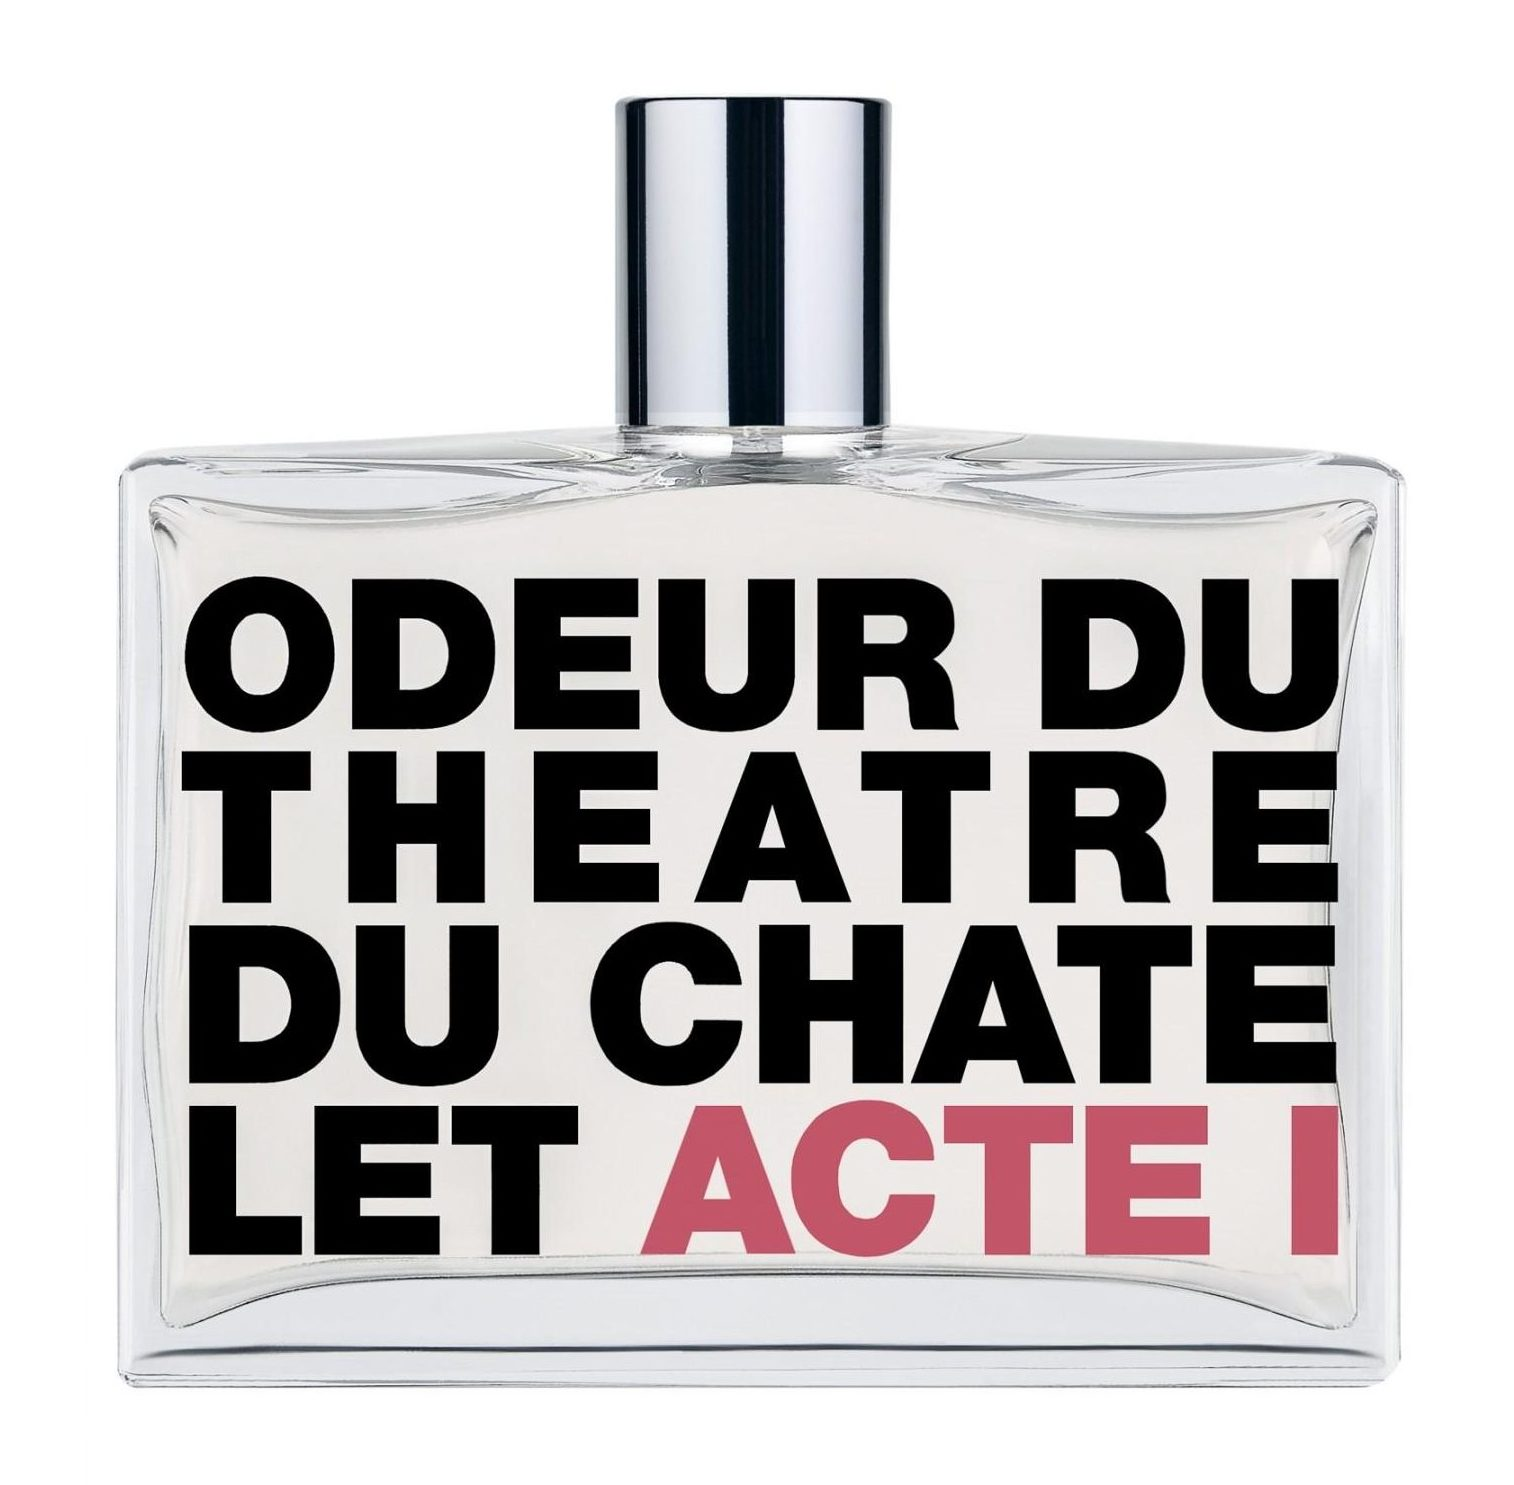 comme des garcons odeur du theatre du chatelet - acte i